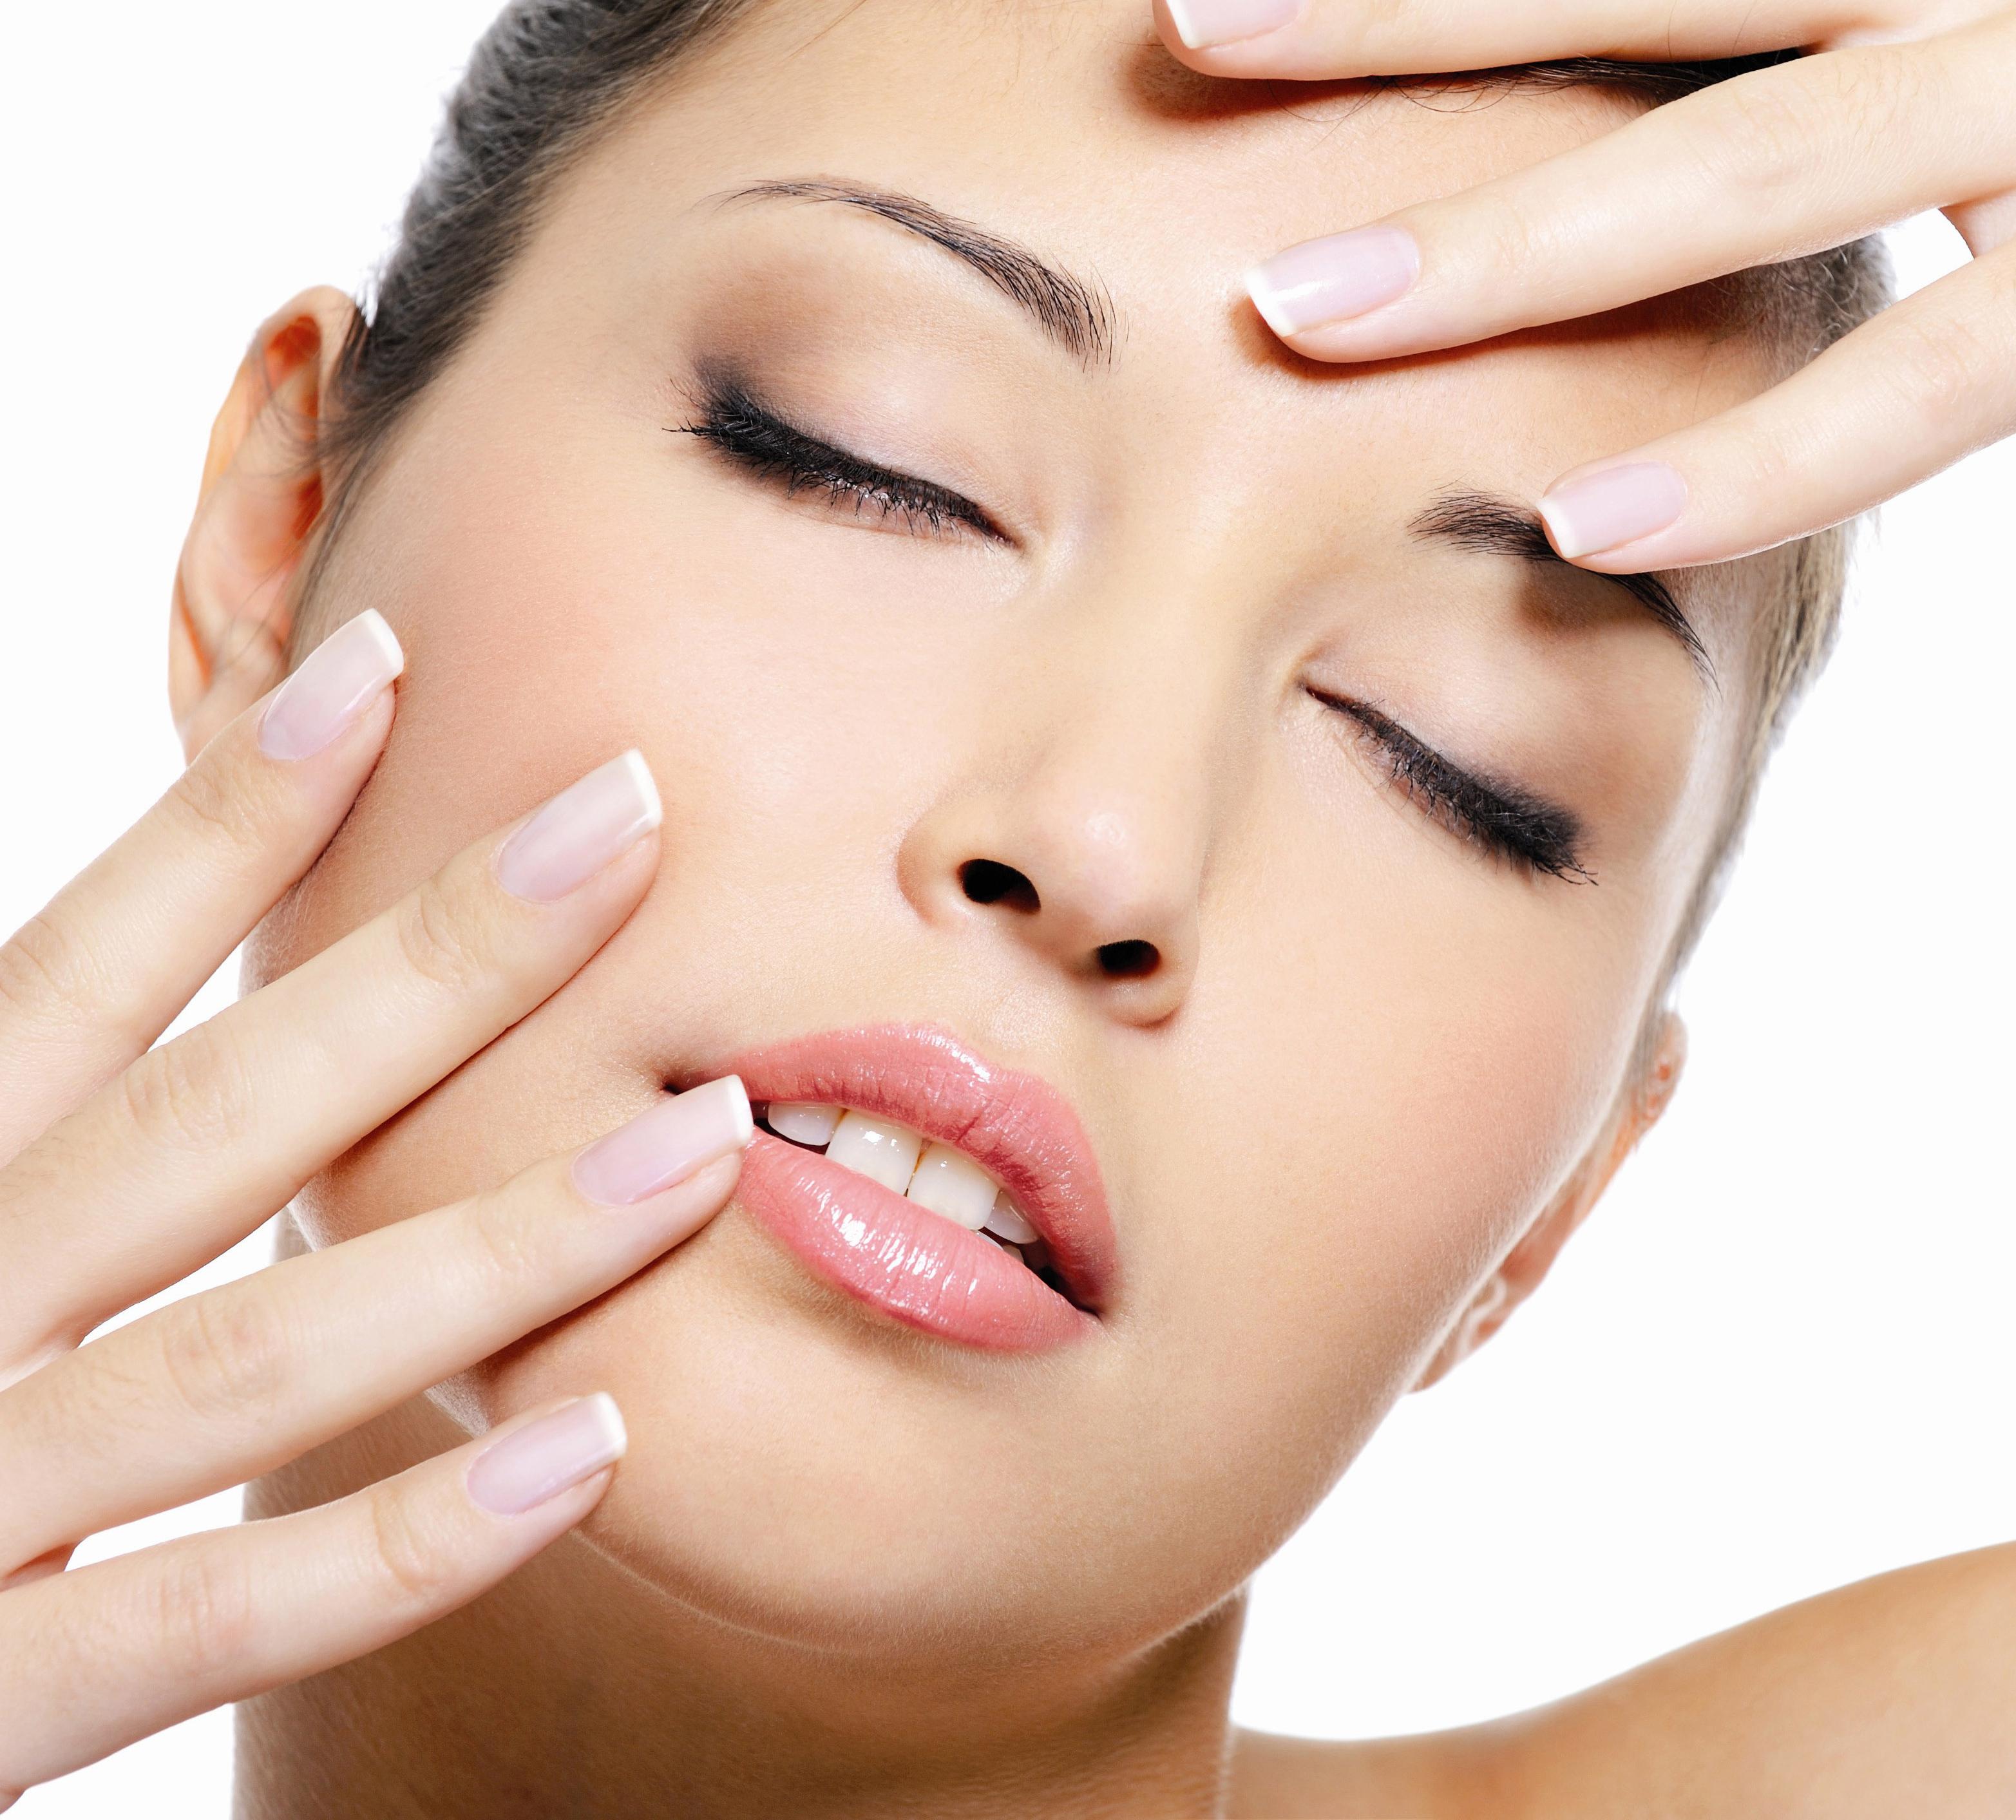 Tratamiento facial con ácido bórico para acné y